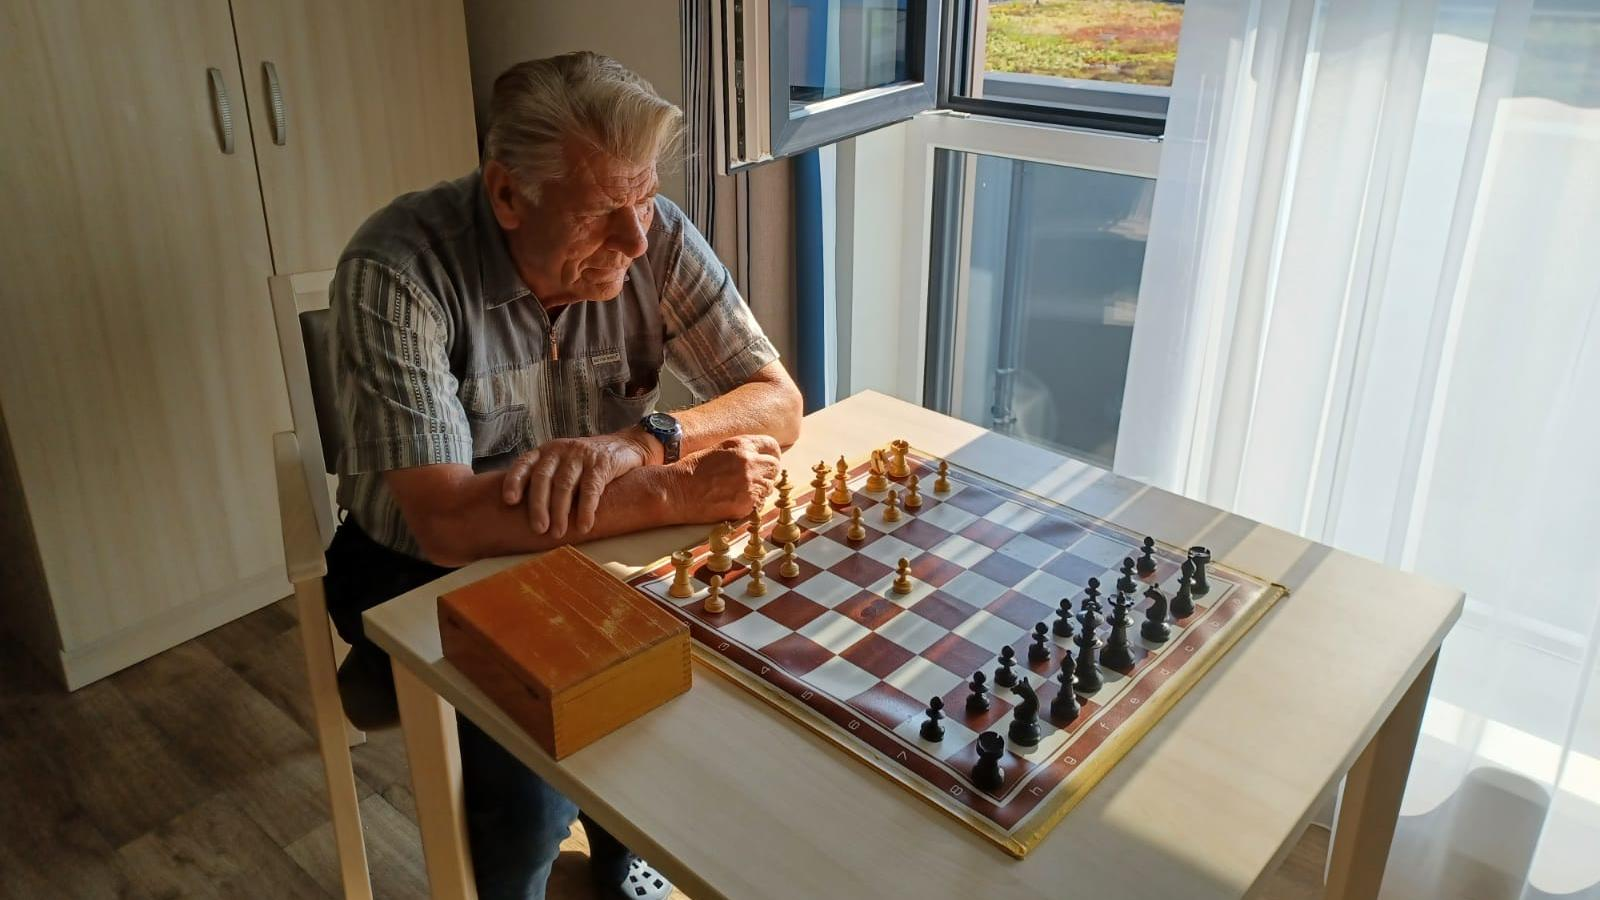 Die Passion für den Denksport hat Herrmann Semke schon. Das, was ihm fehlt ist ein Gegner.